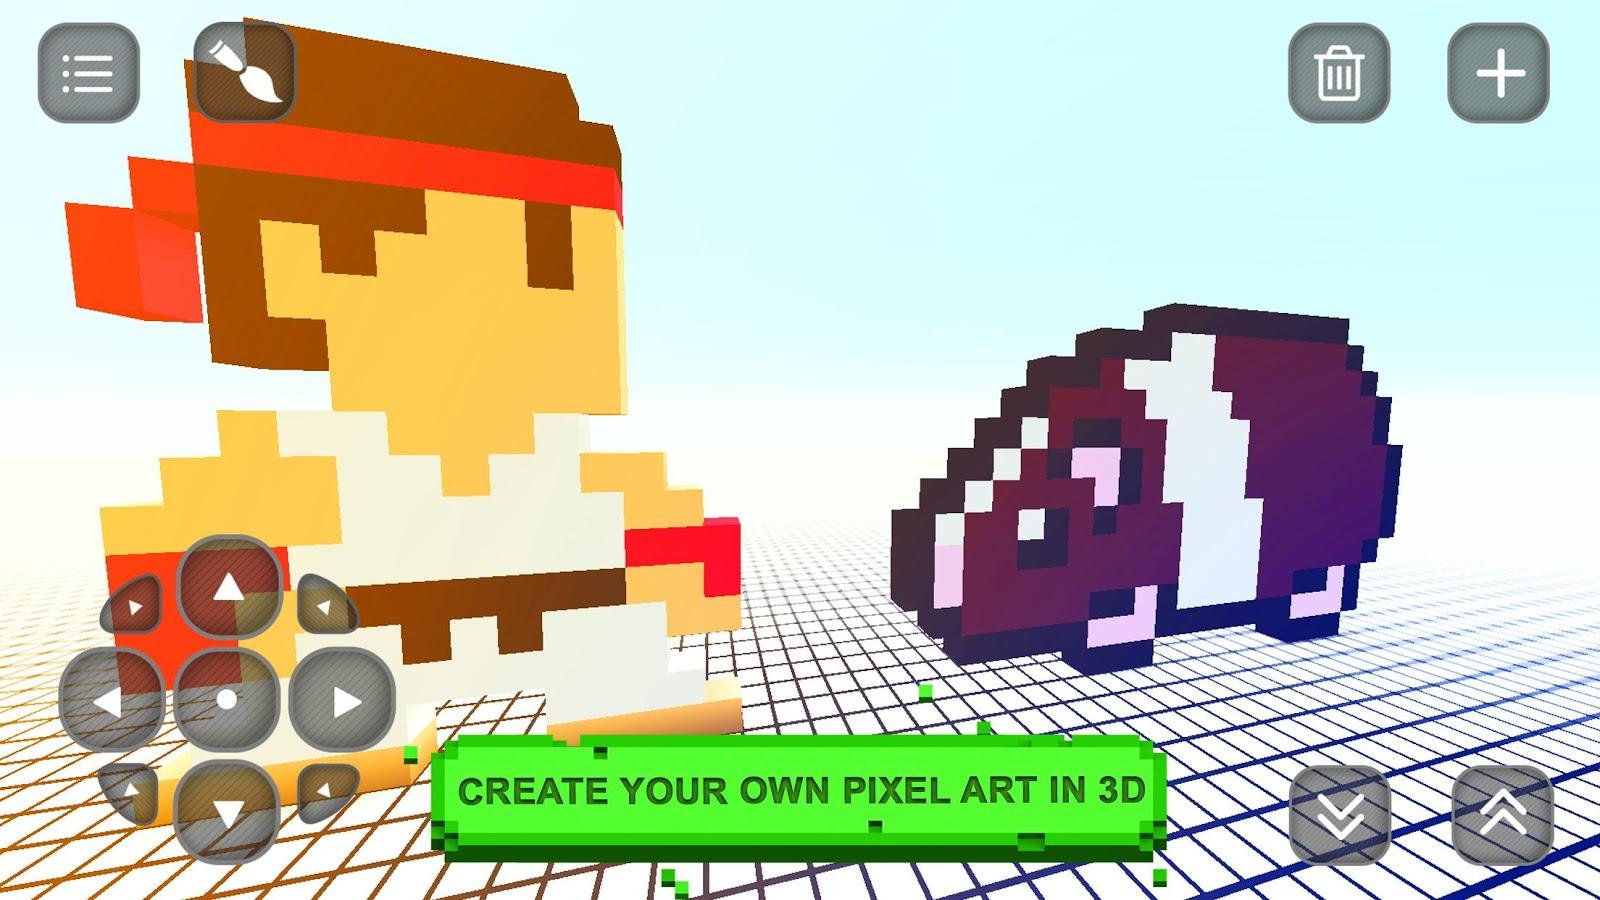 Color craft 3d pixel art maker android apps on google play for 3d art maker online